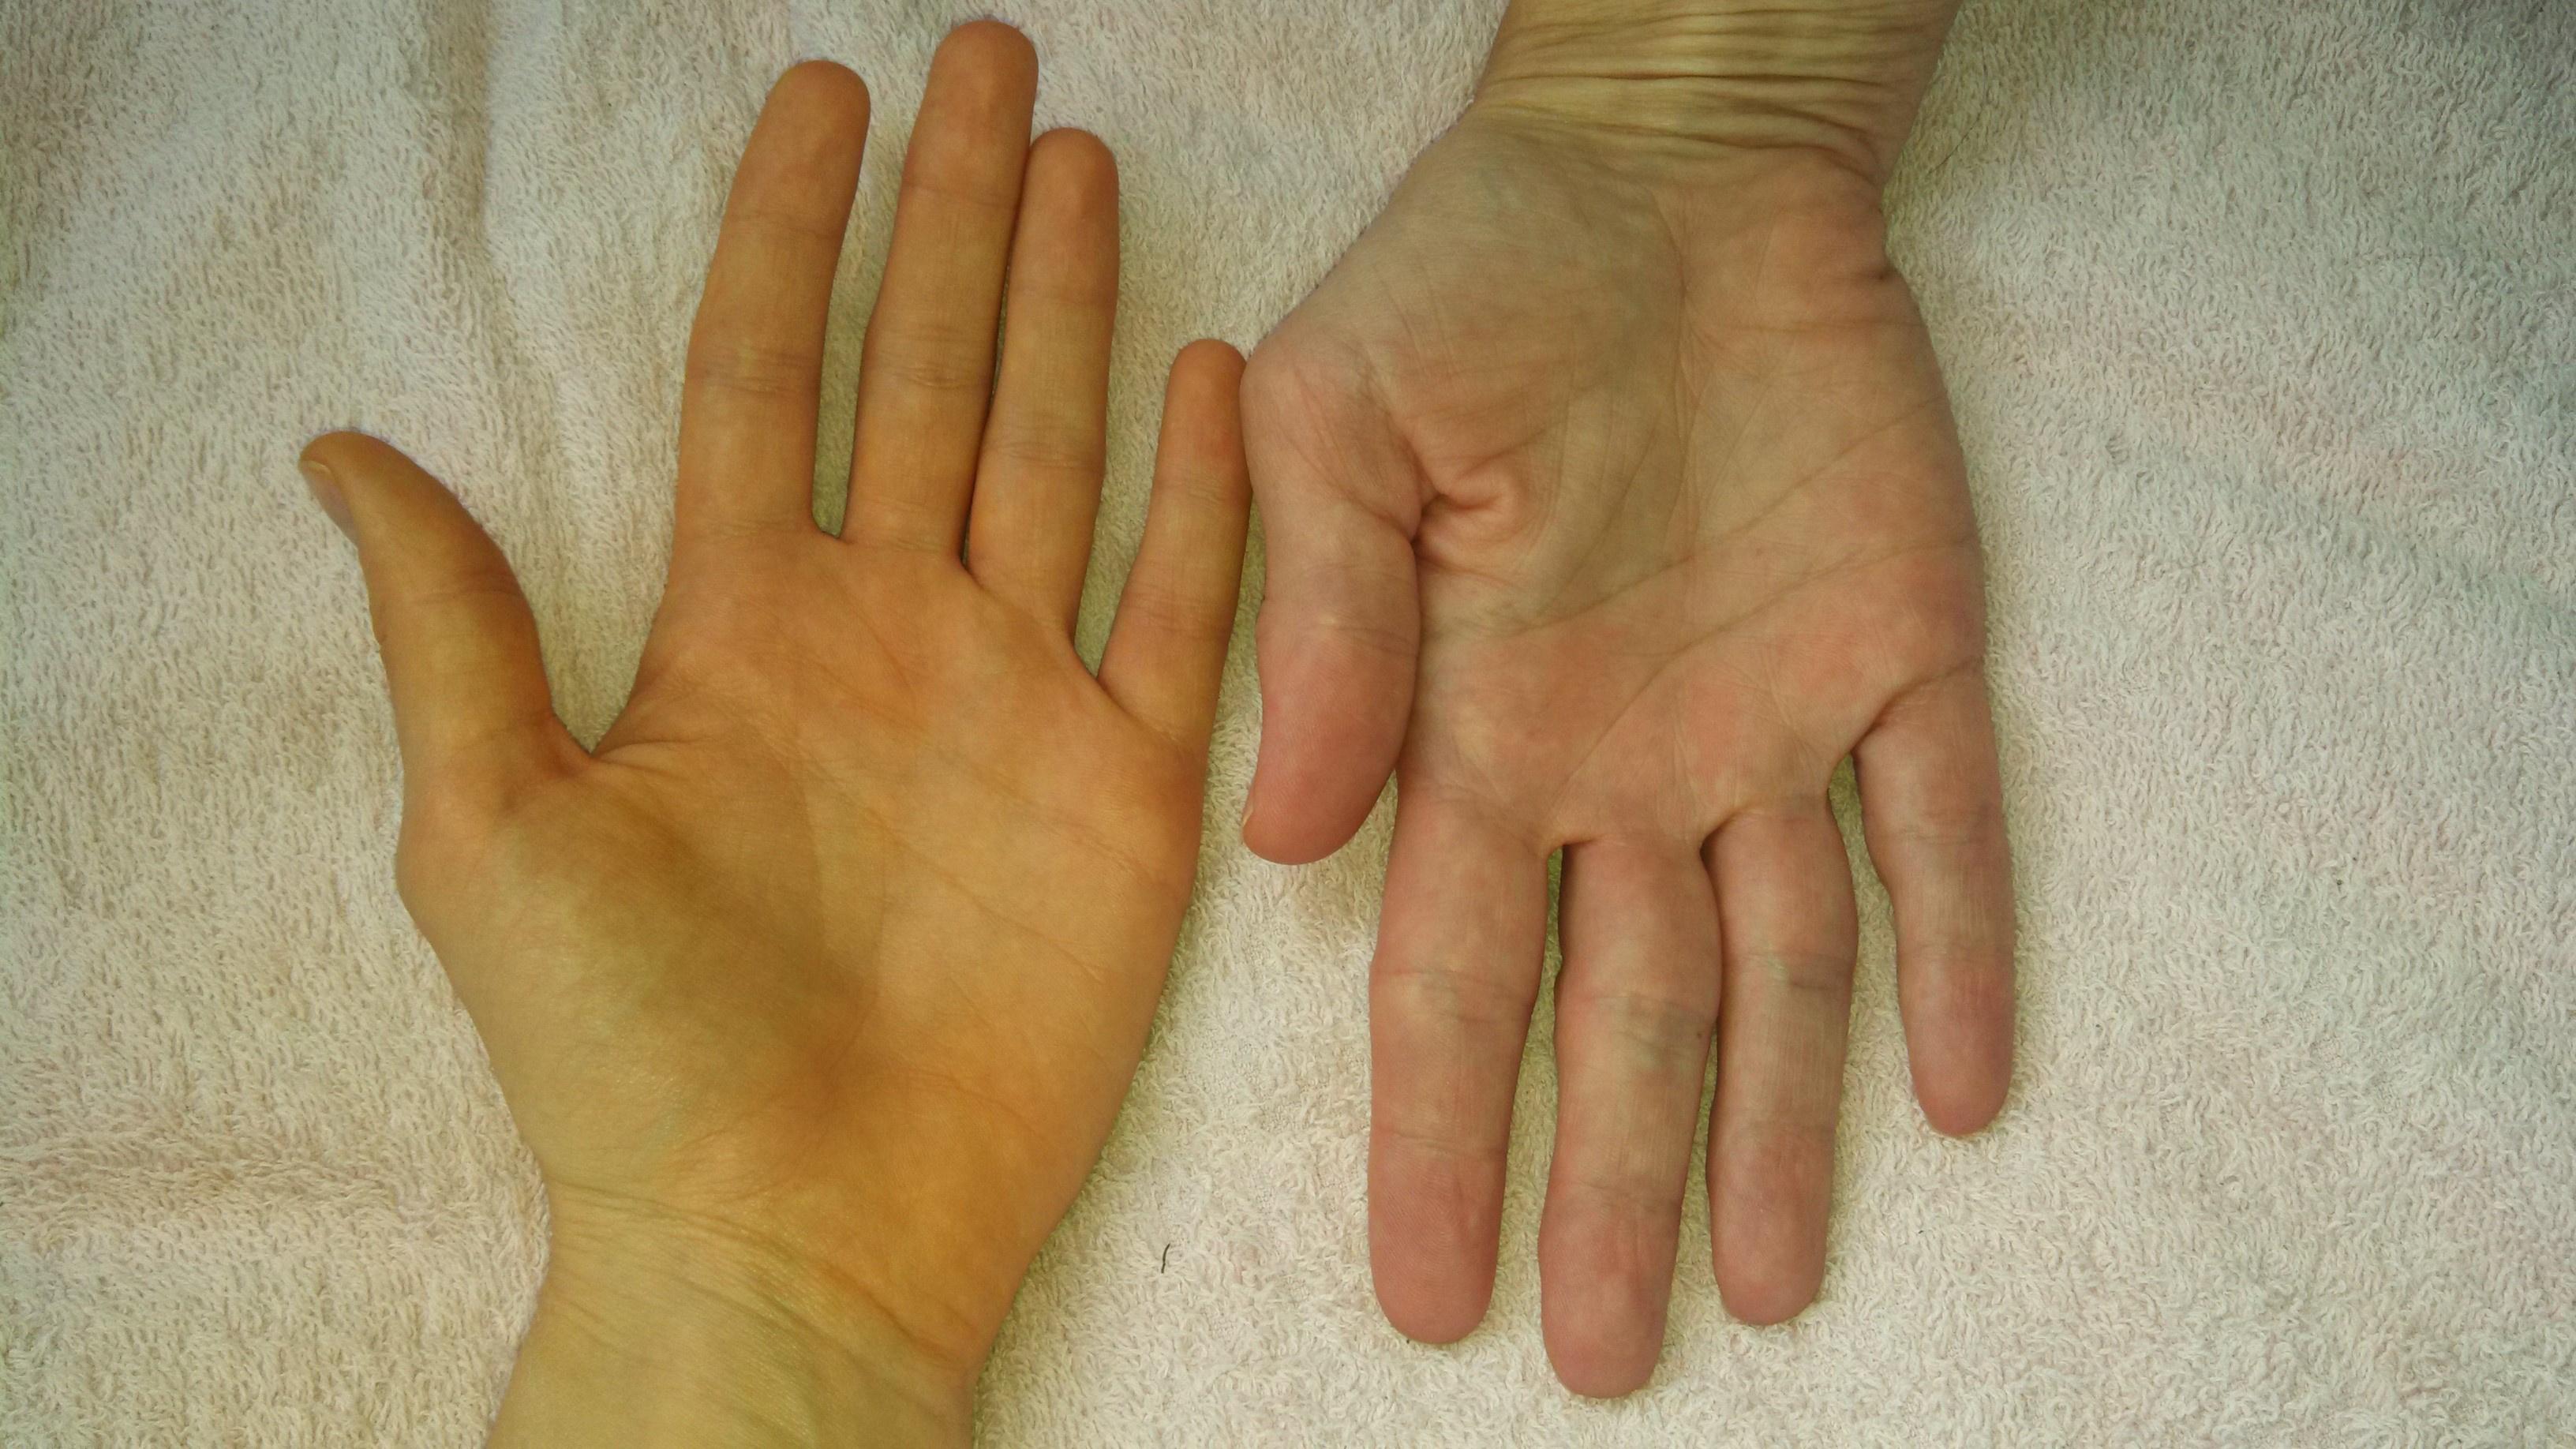 hogyan mossa meg a vörös bőrt a foltoktól